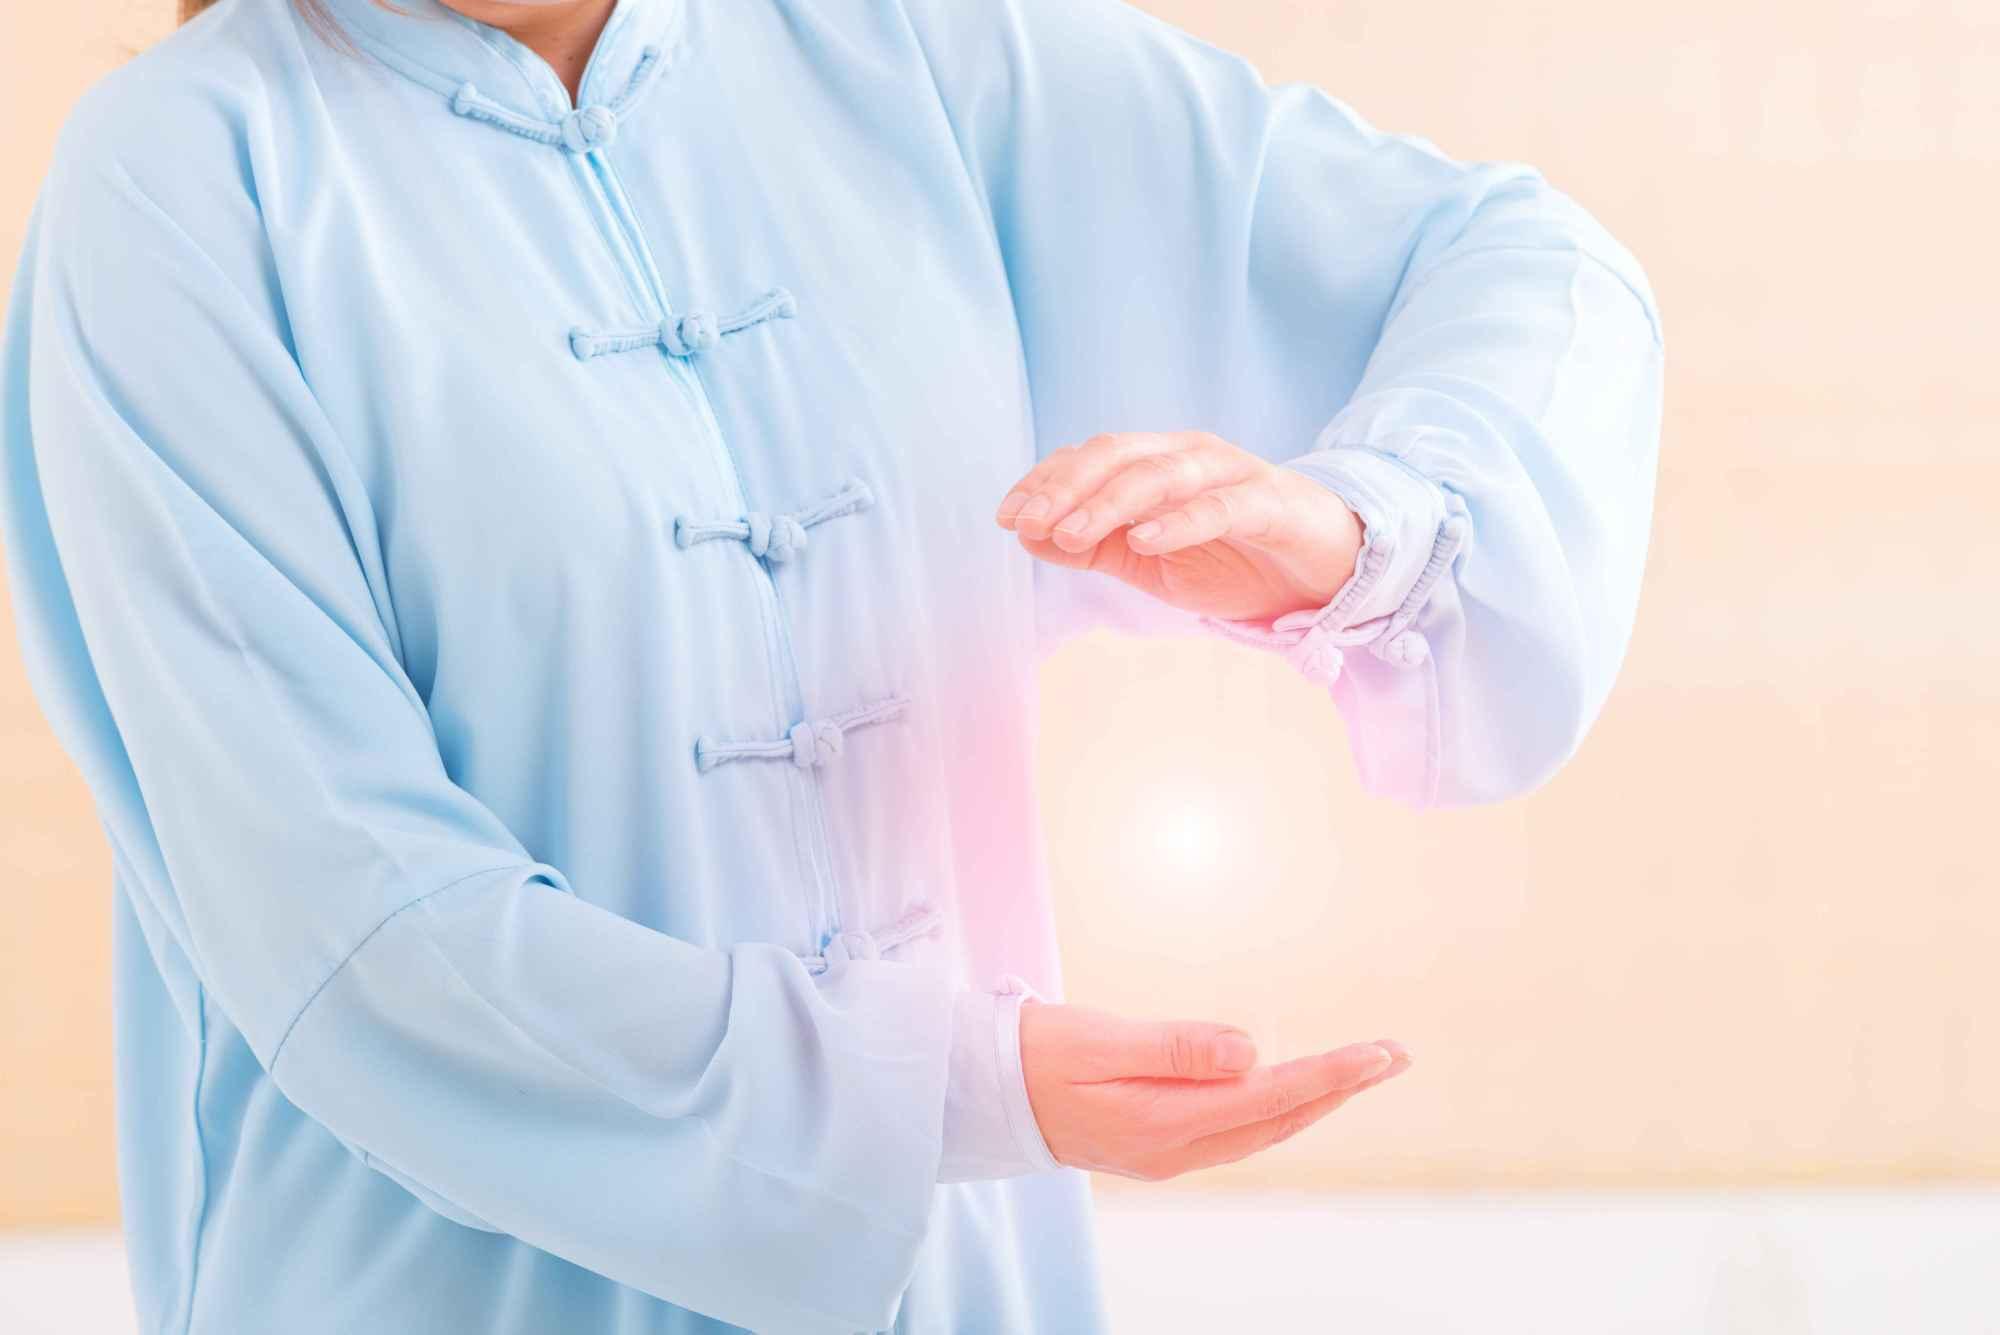 心梗发作是否能活,关键看处理,提醒:平日也要注意预防